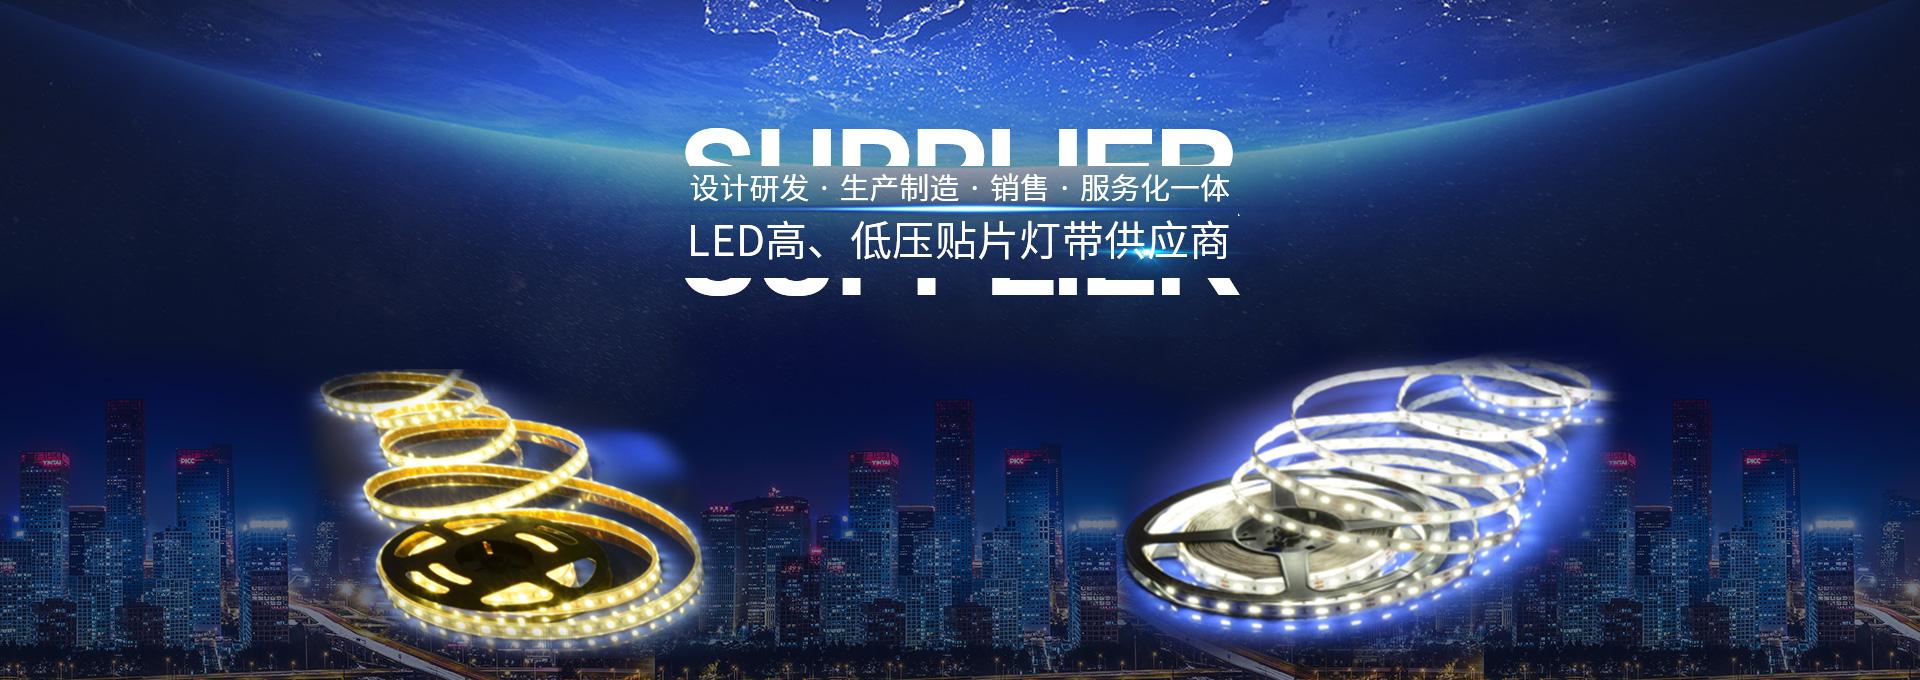 led燈帶價格